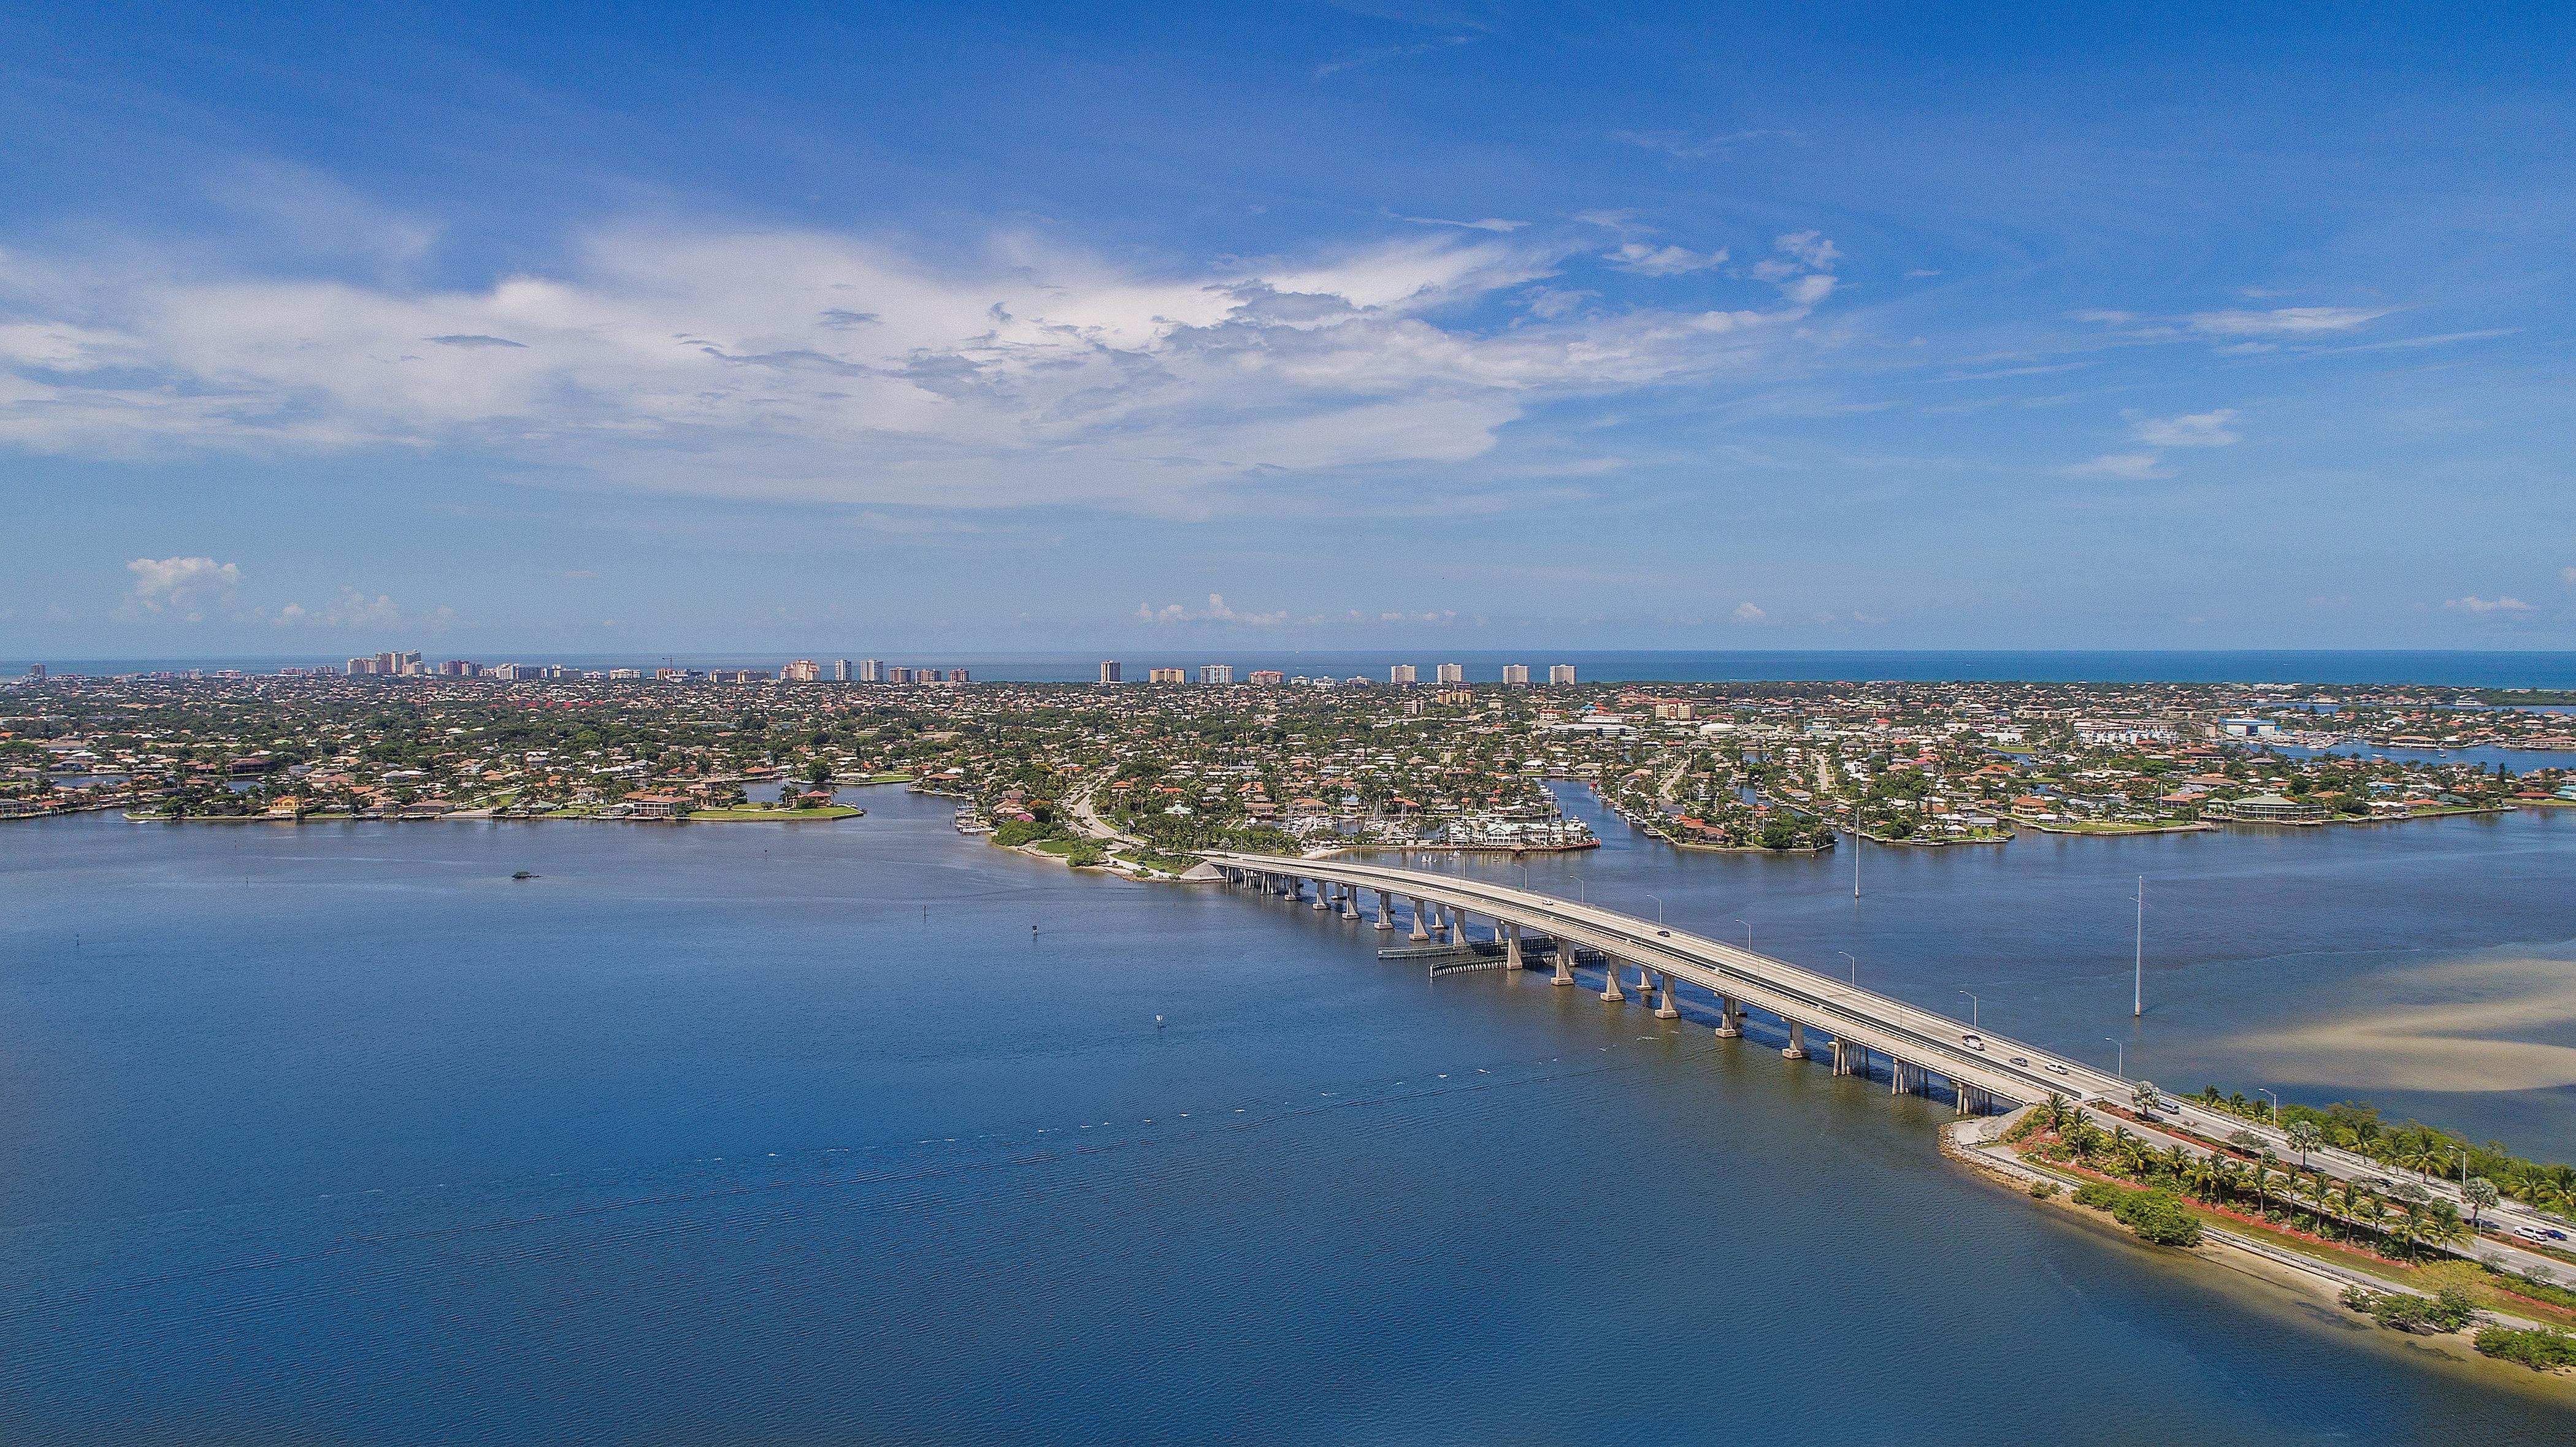 Bridge to Marco